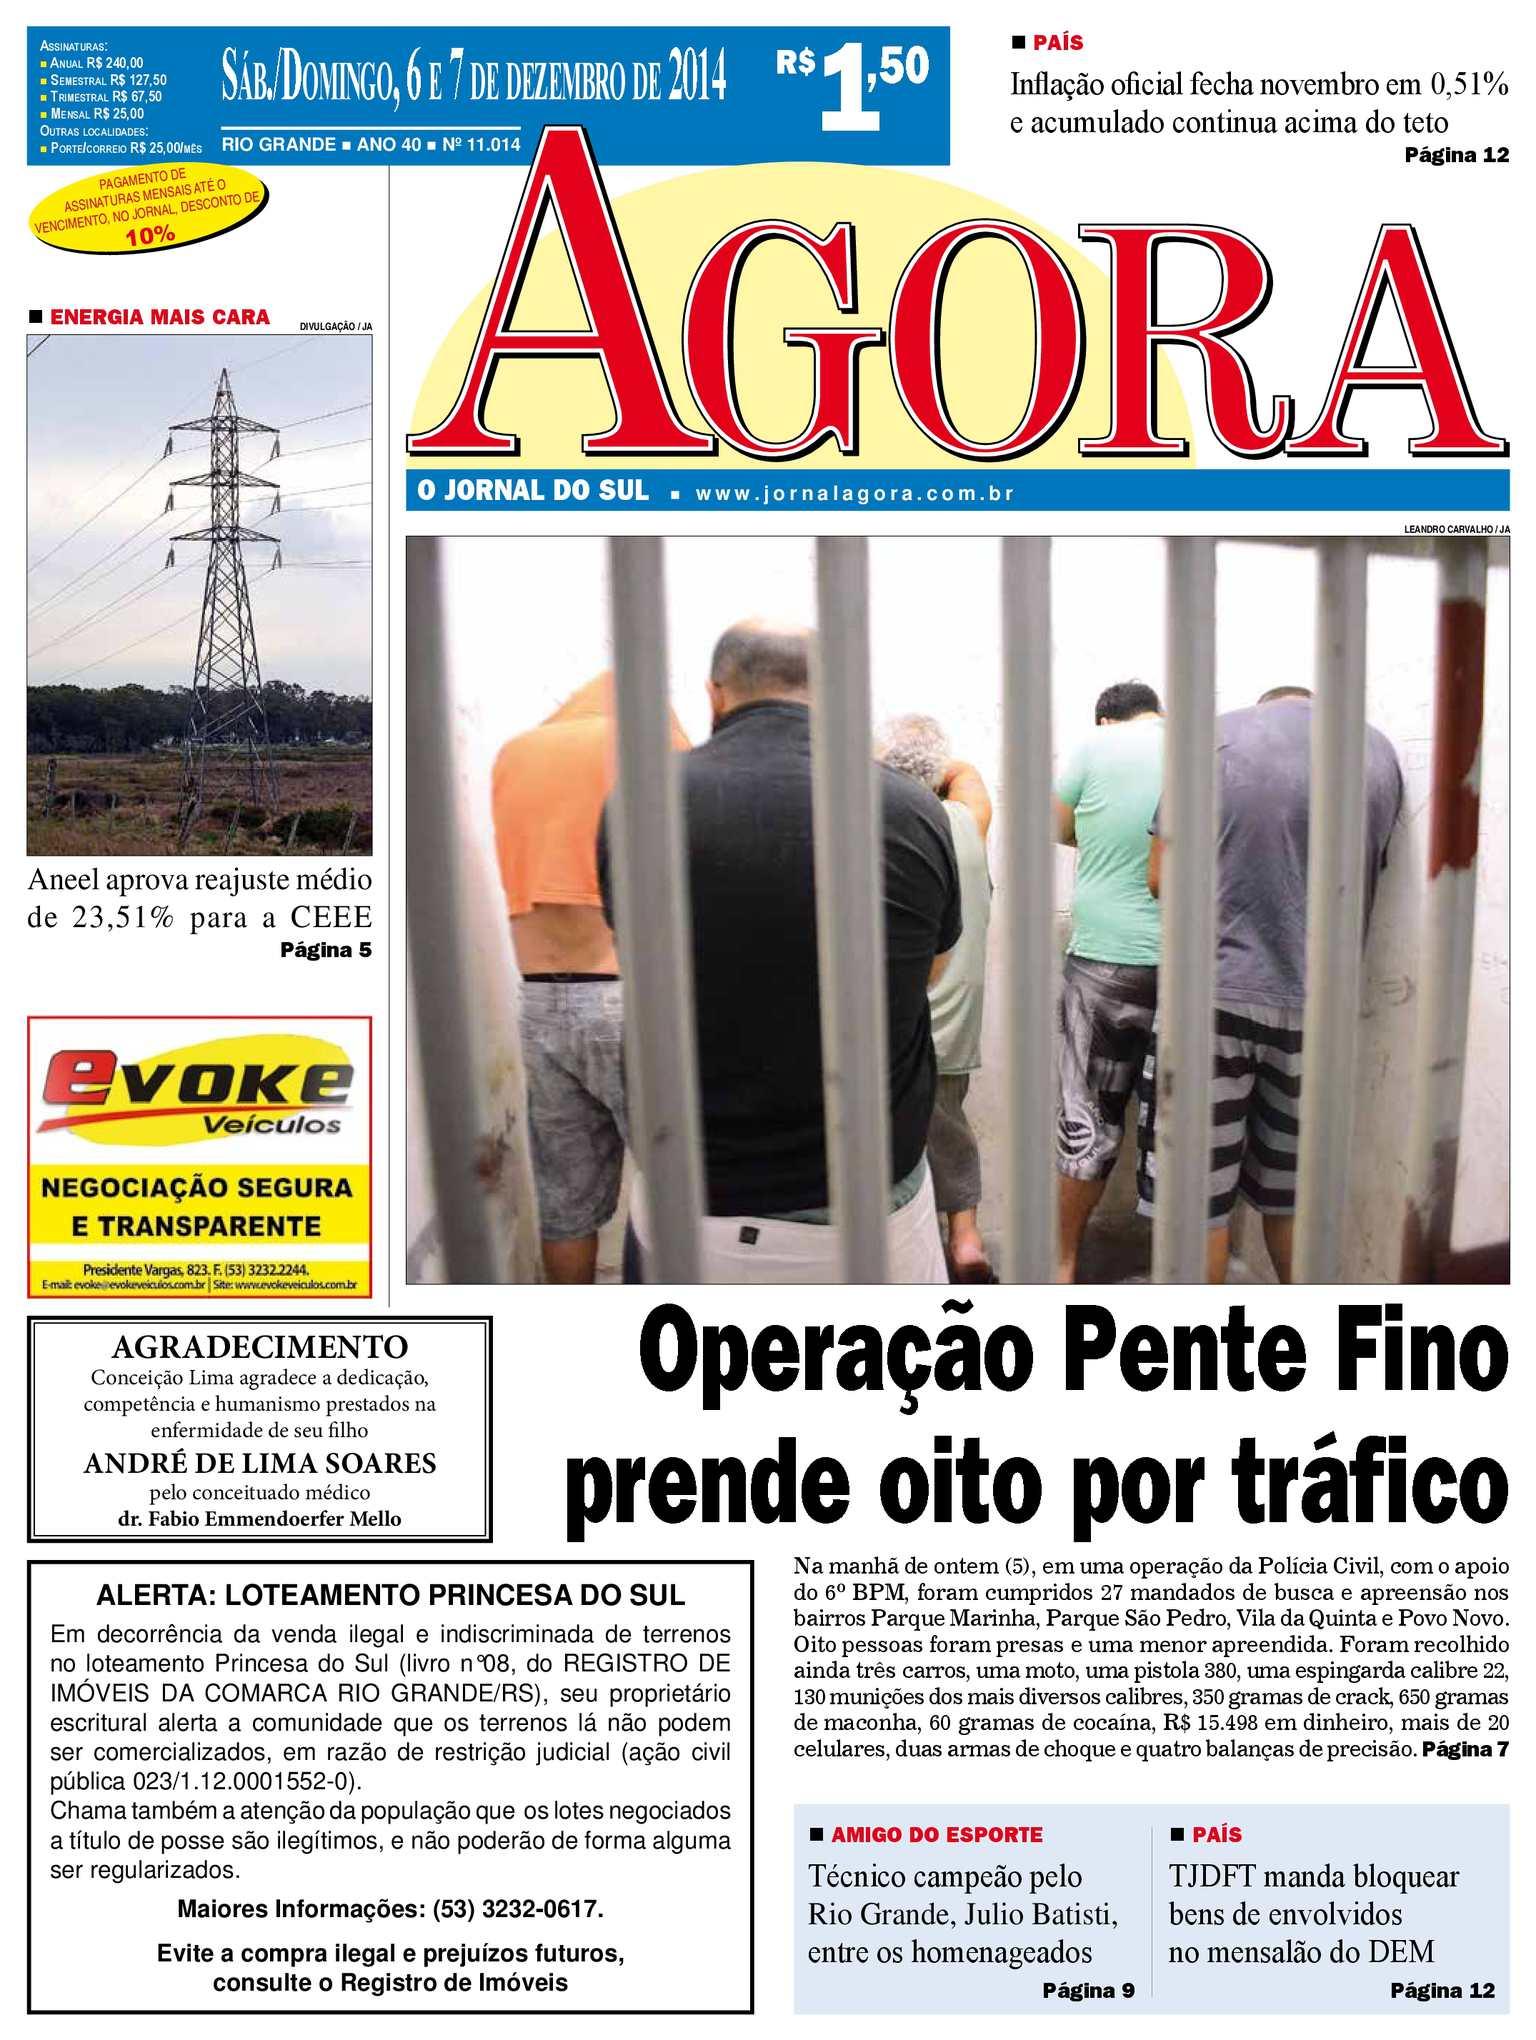 Calaméo - Jornal Agora - Edição 11014 - 6 e 7 de dezembro de 2014 018adcb3342e1